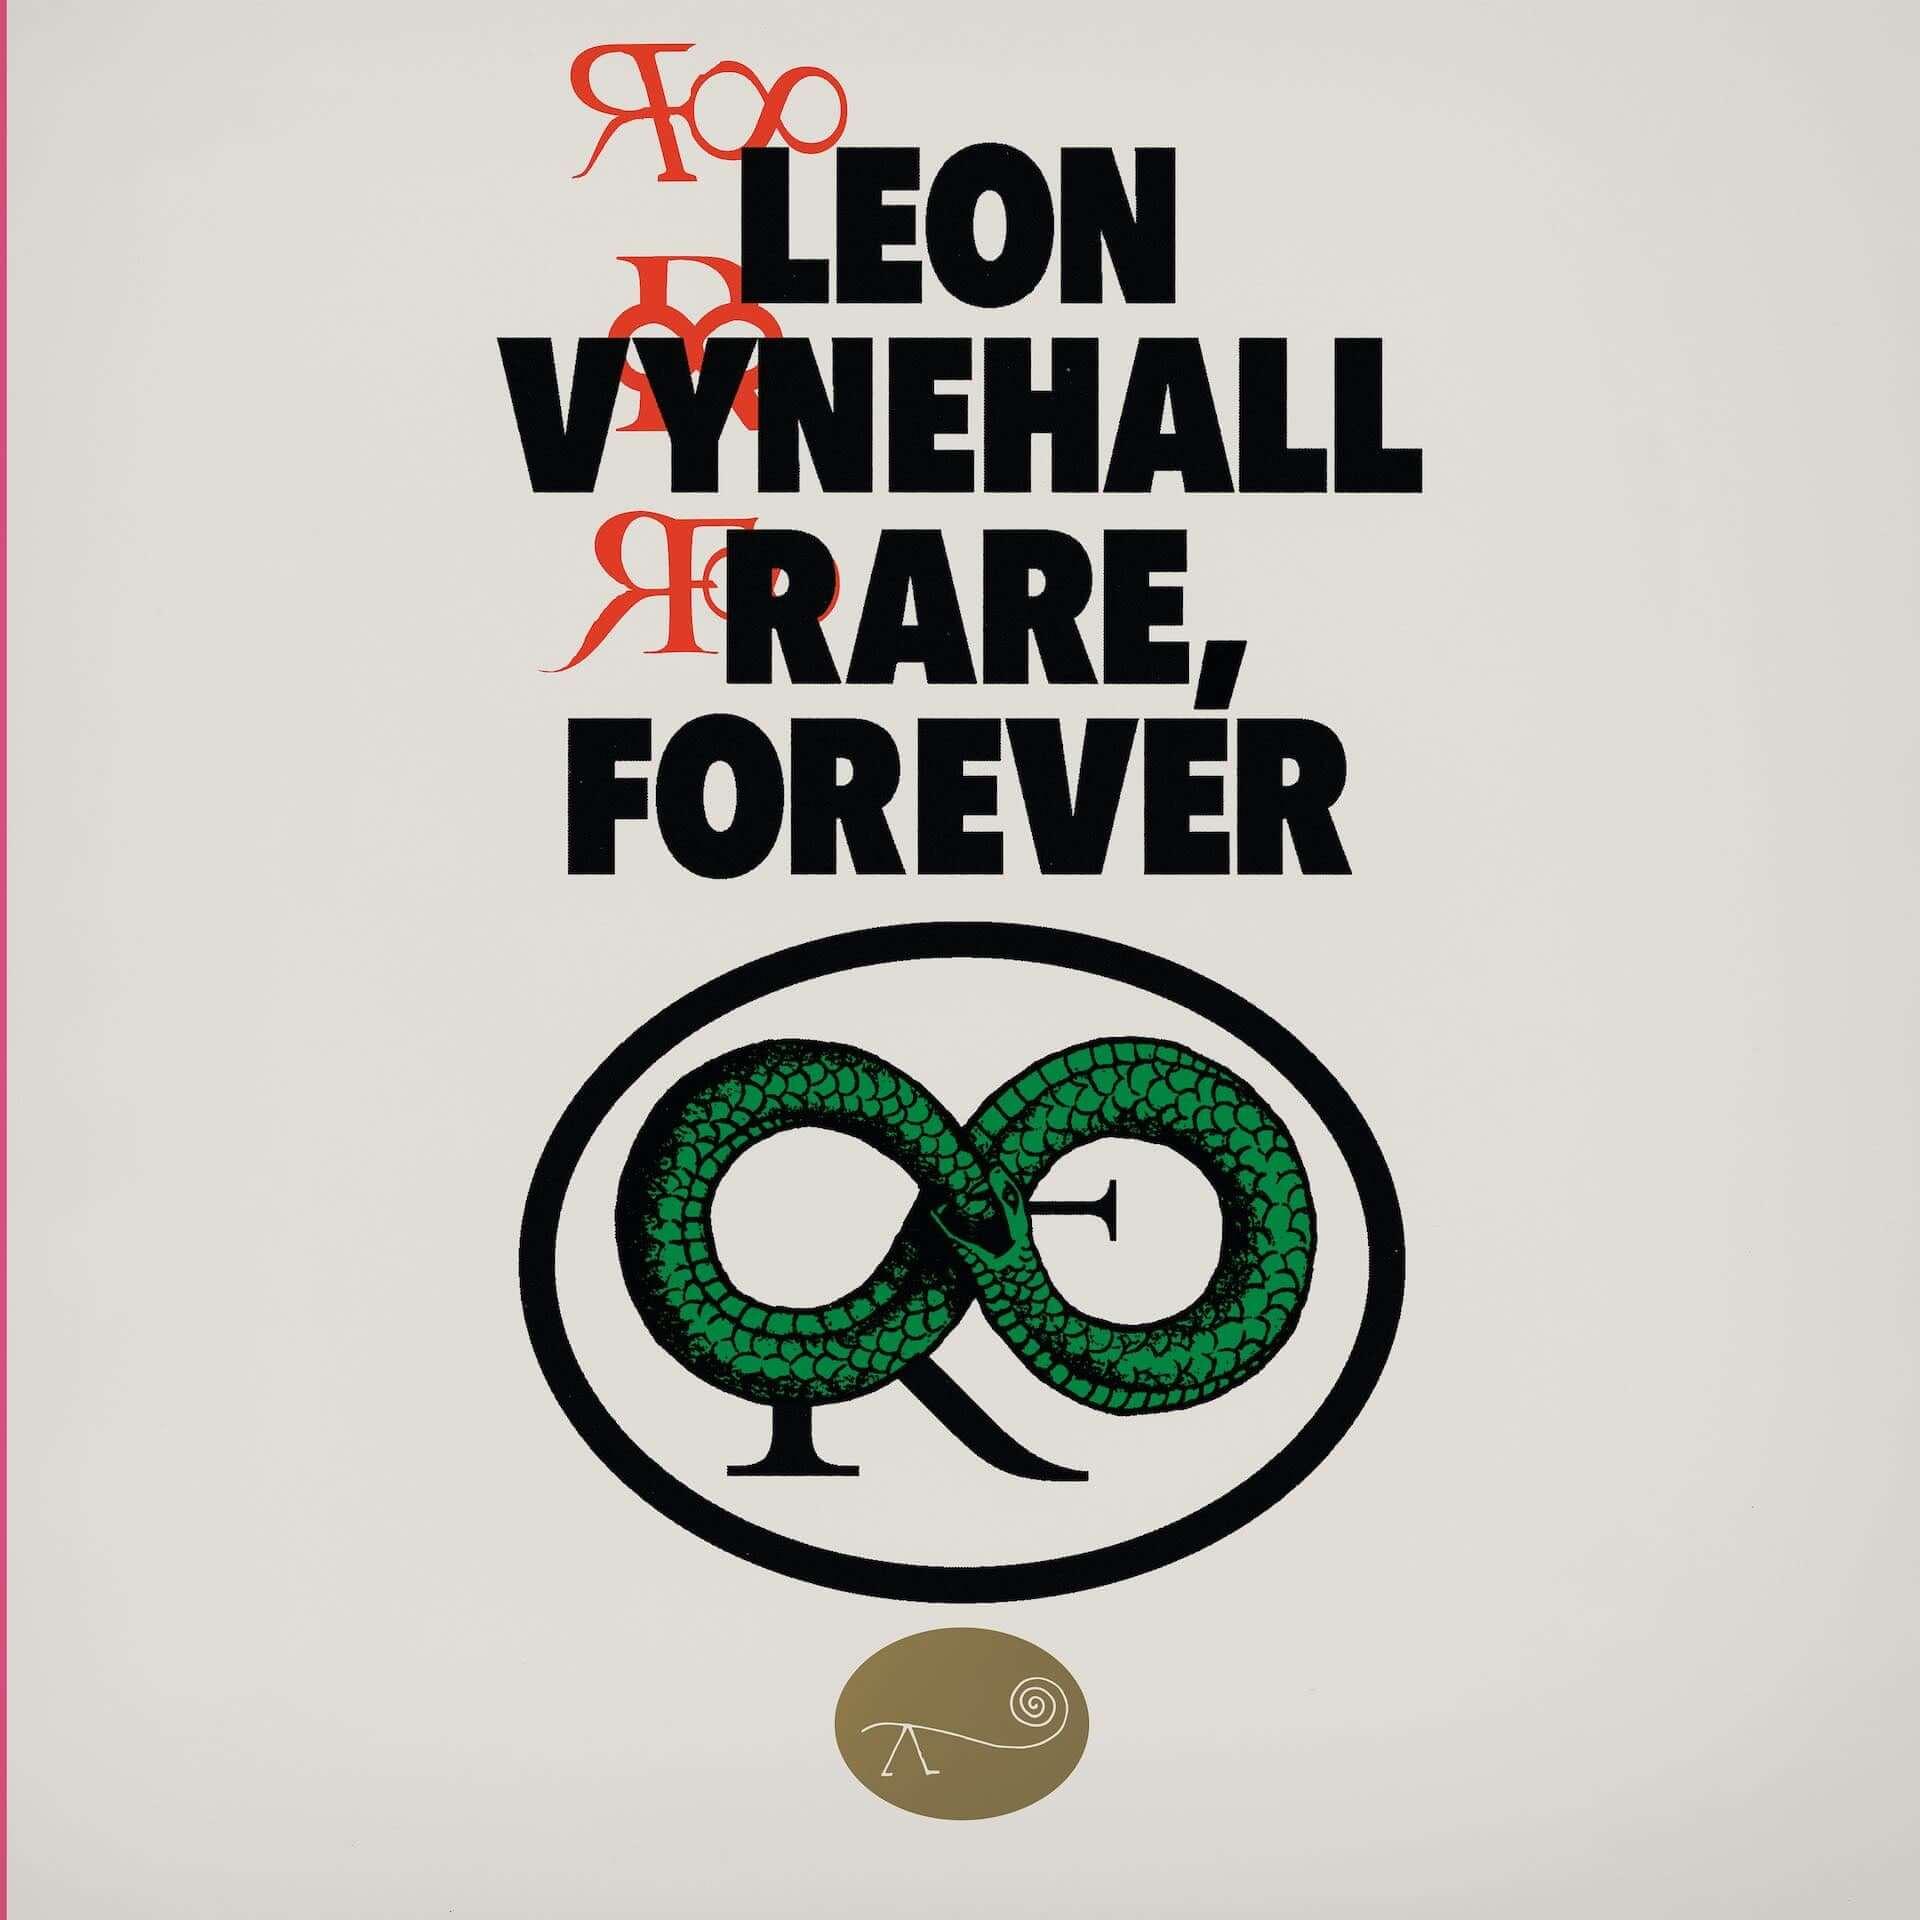 """Leon Vynehallの新アルバム『Rare, Forever』がリリース決定!新曲""""Mothra""""と""""Ecce! Ego!""""も公開 music210212_leon-vynehall_2-1920x1920"""